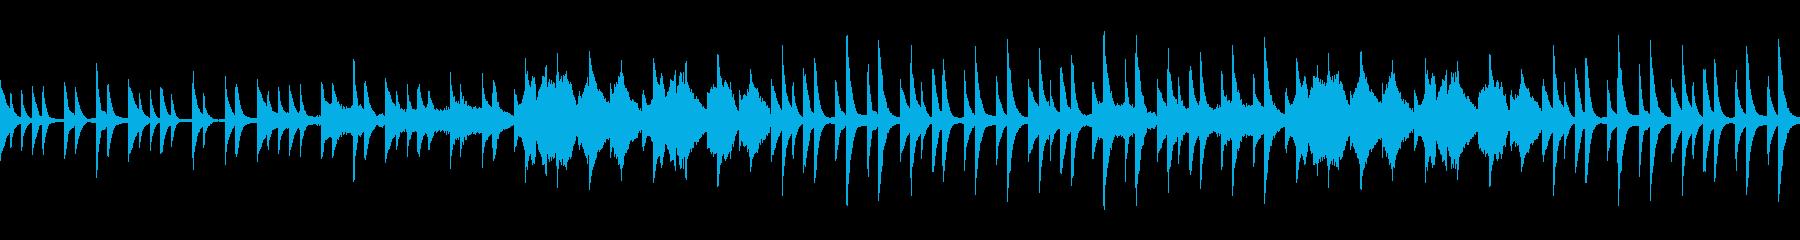 絶望的な悲しみに触れるBGMの再生済みの波形